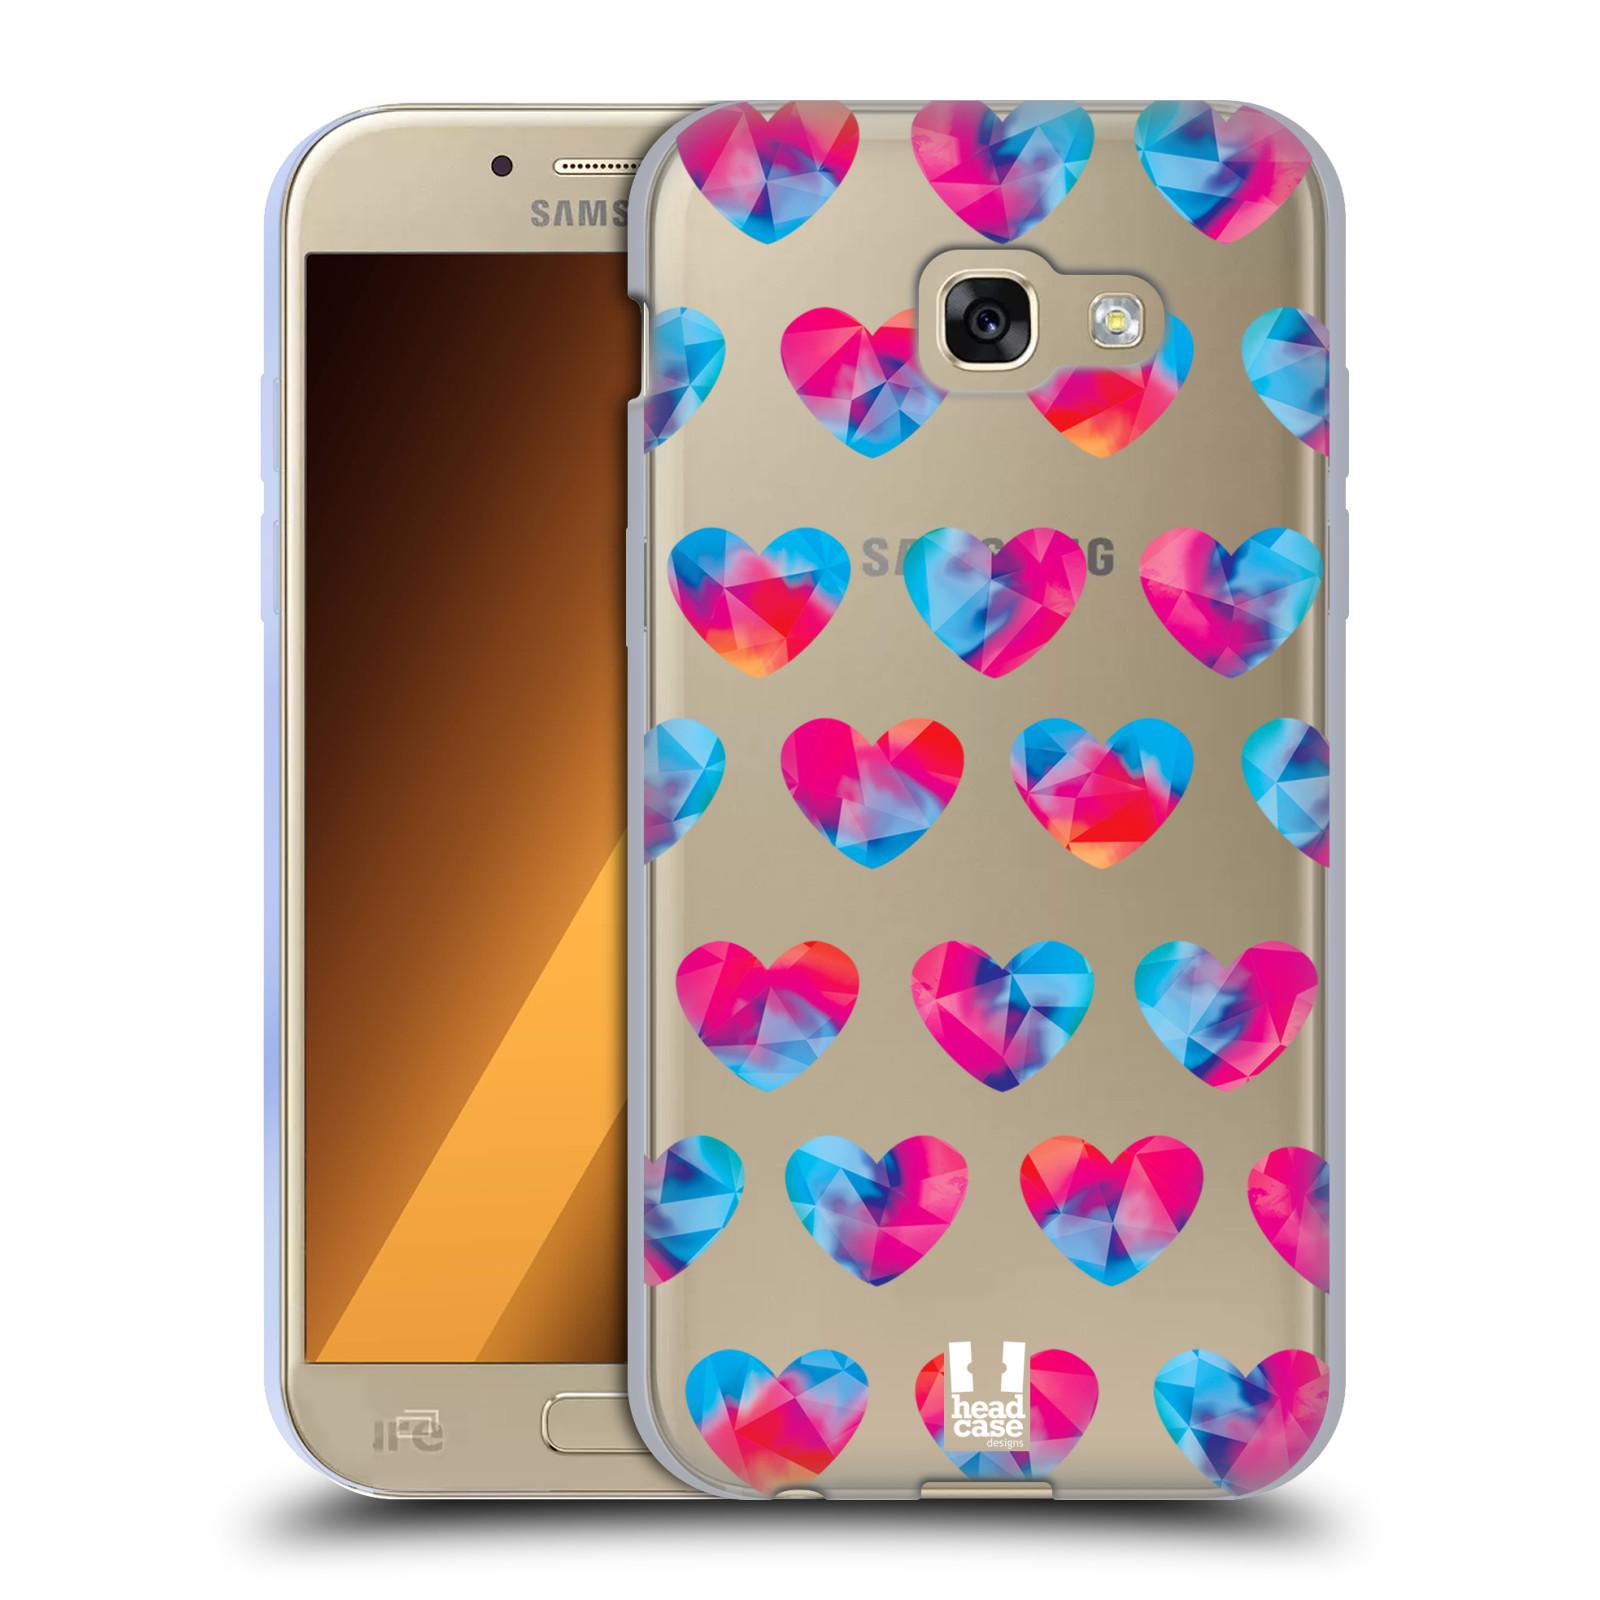 Silikonové pouzdro na mobil Samsung Galaxy A5 (2017) - Head Case - Srdíčka hrající barvami